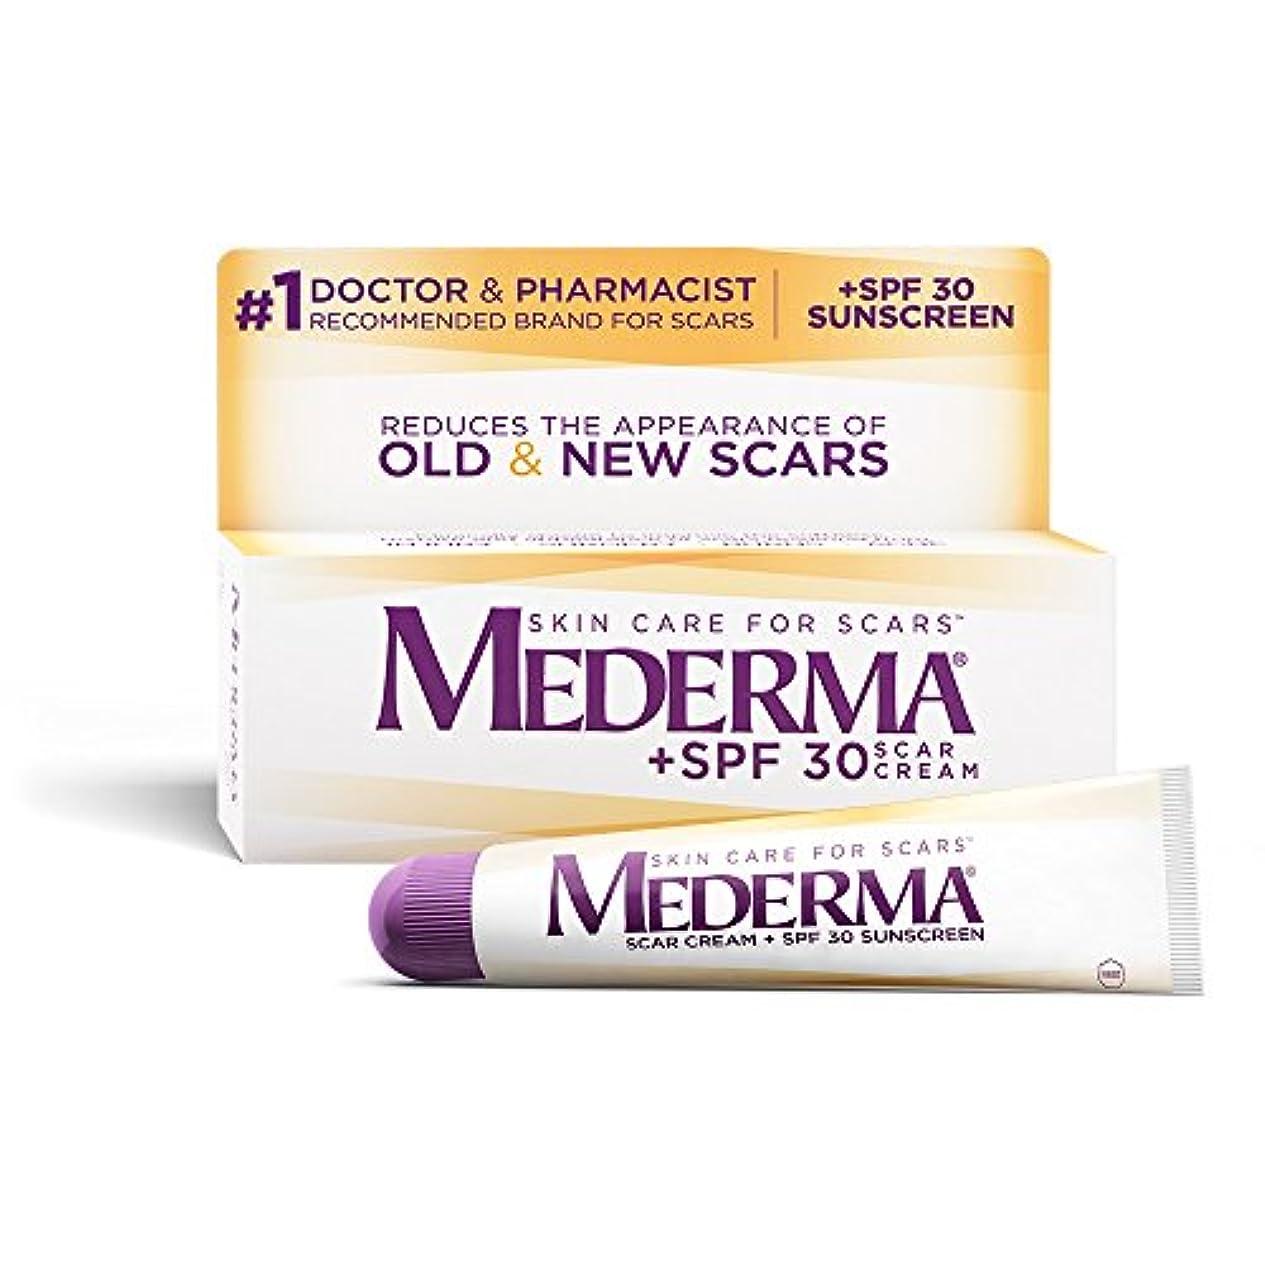 巻き戻すに向かって舌Mederma 社 日焼け止め成分SPF30配合 メドロマ(メデルマ) 1本 20g Mederma Scar Cream Plus SPF 30